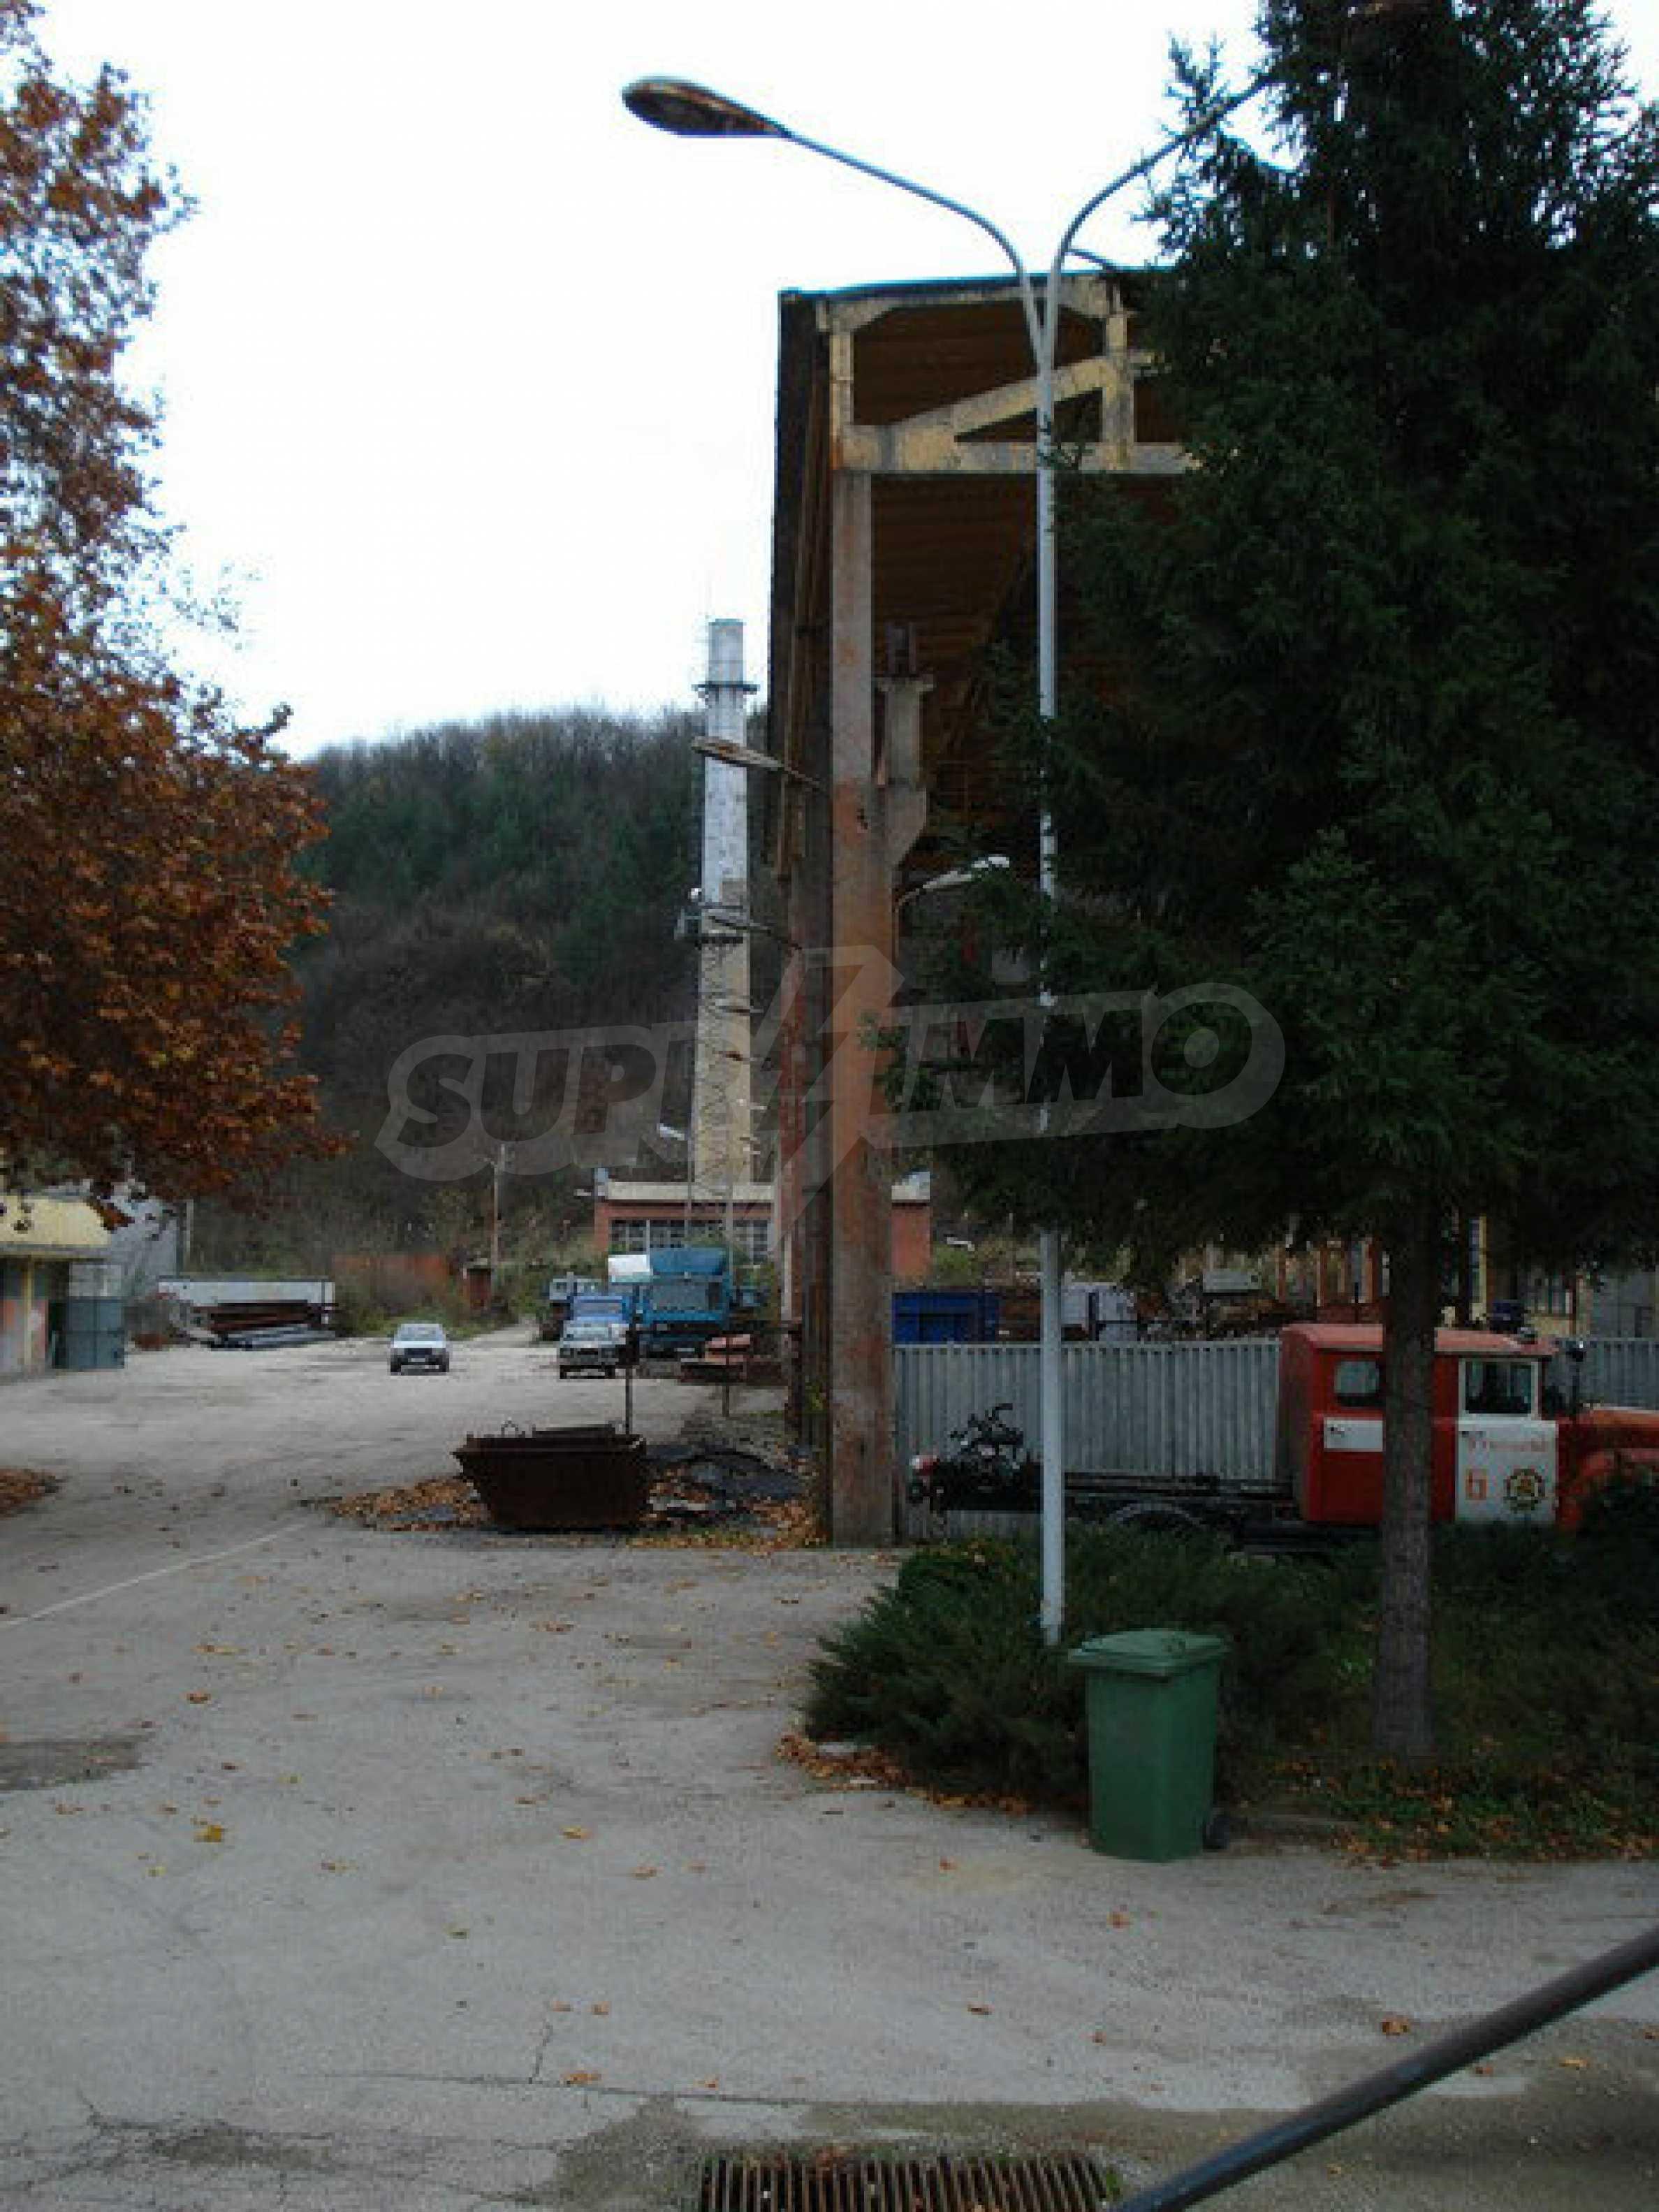 Factory for metal parts in Veliko Tarnovo 1